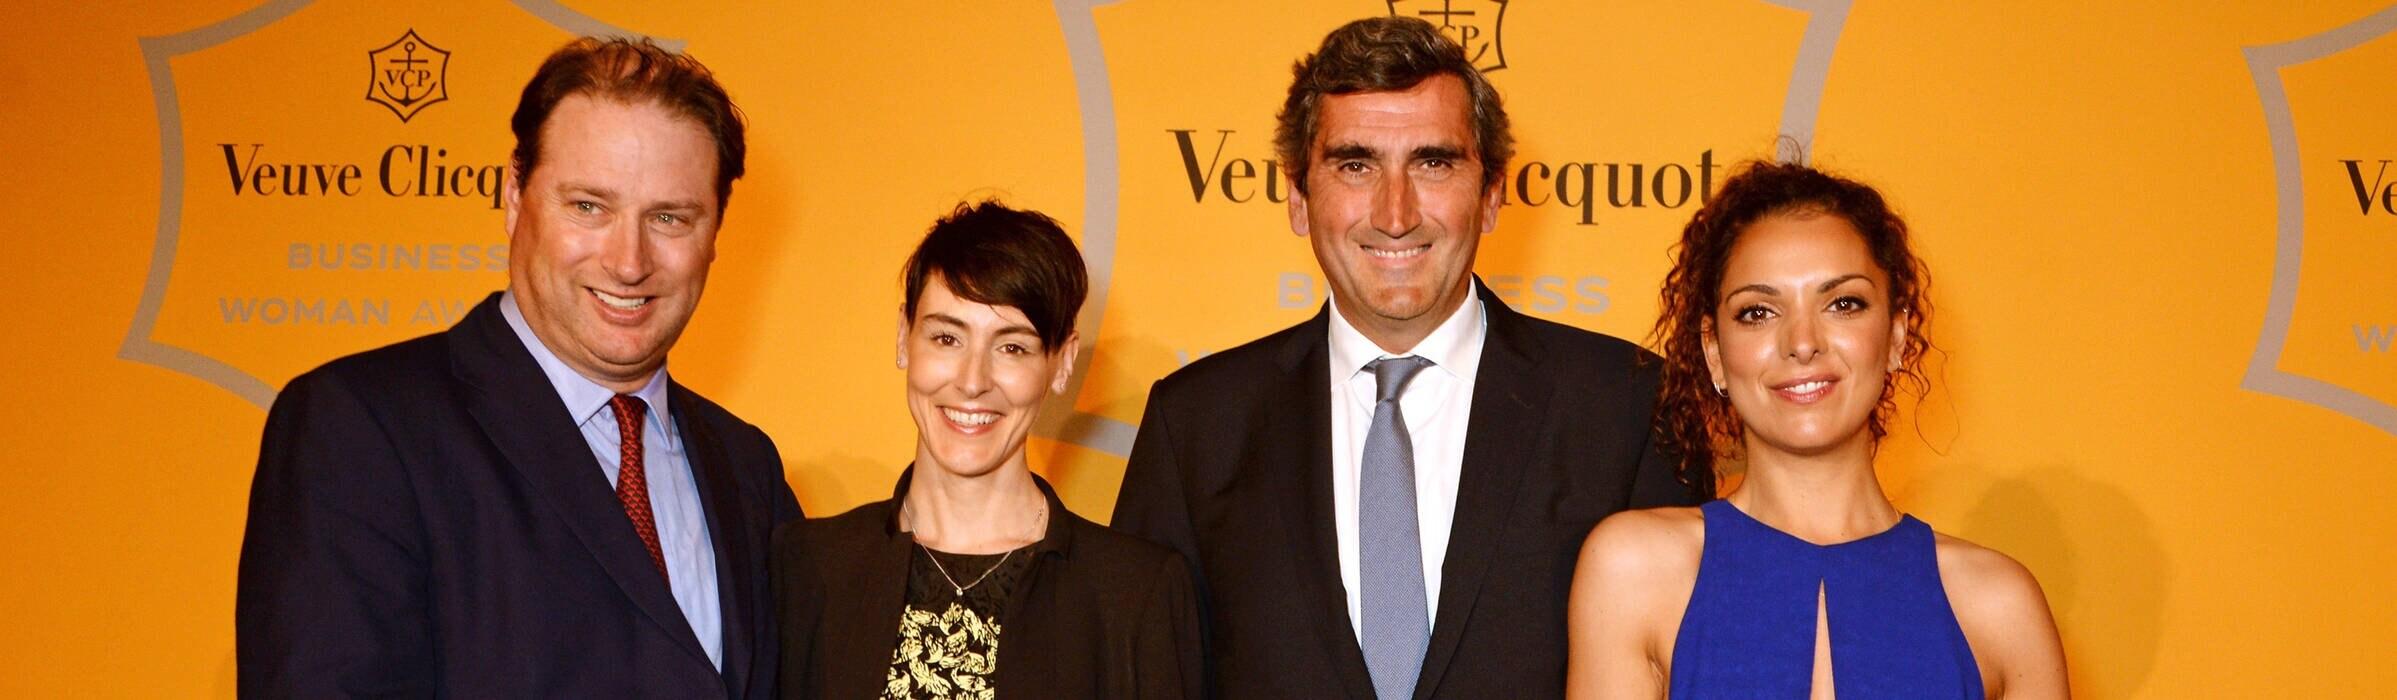 Veuve Clicquot - PRÊMIOS MULHER DE NEGÓCIOS